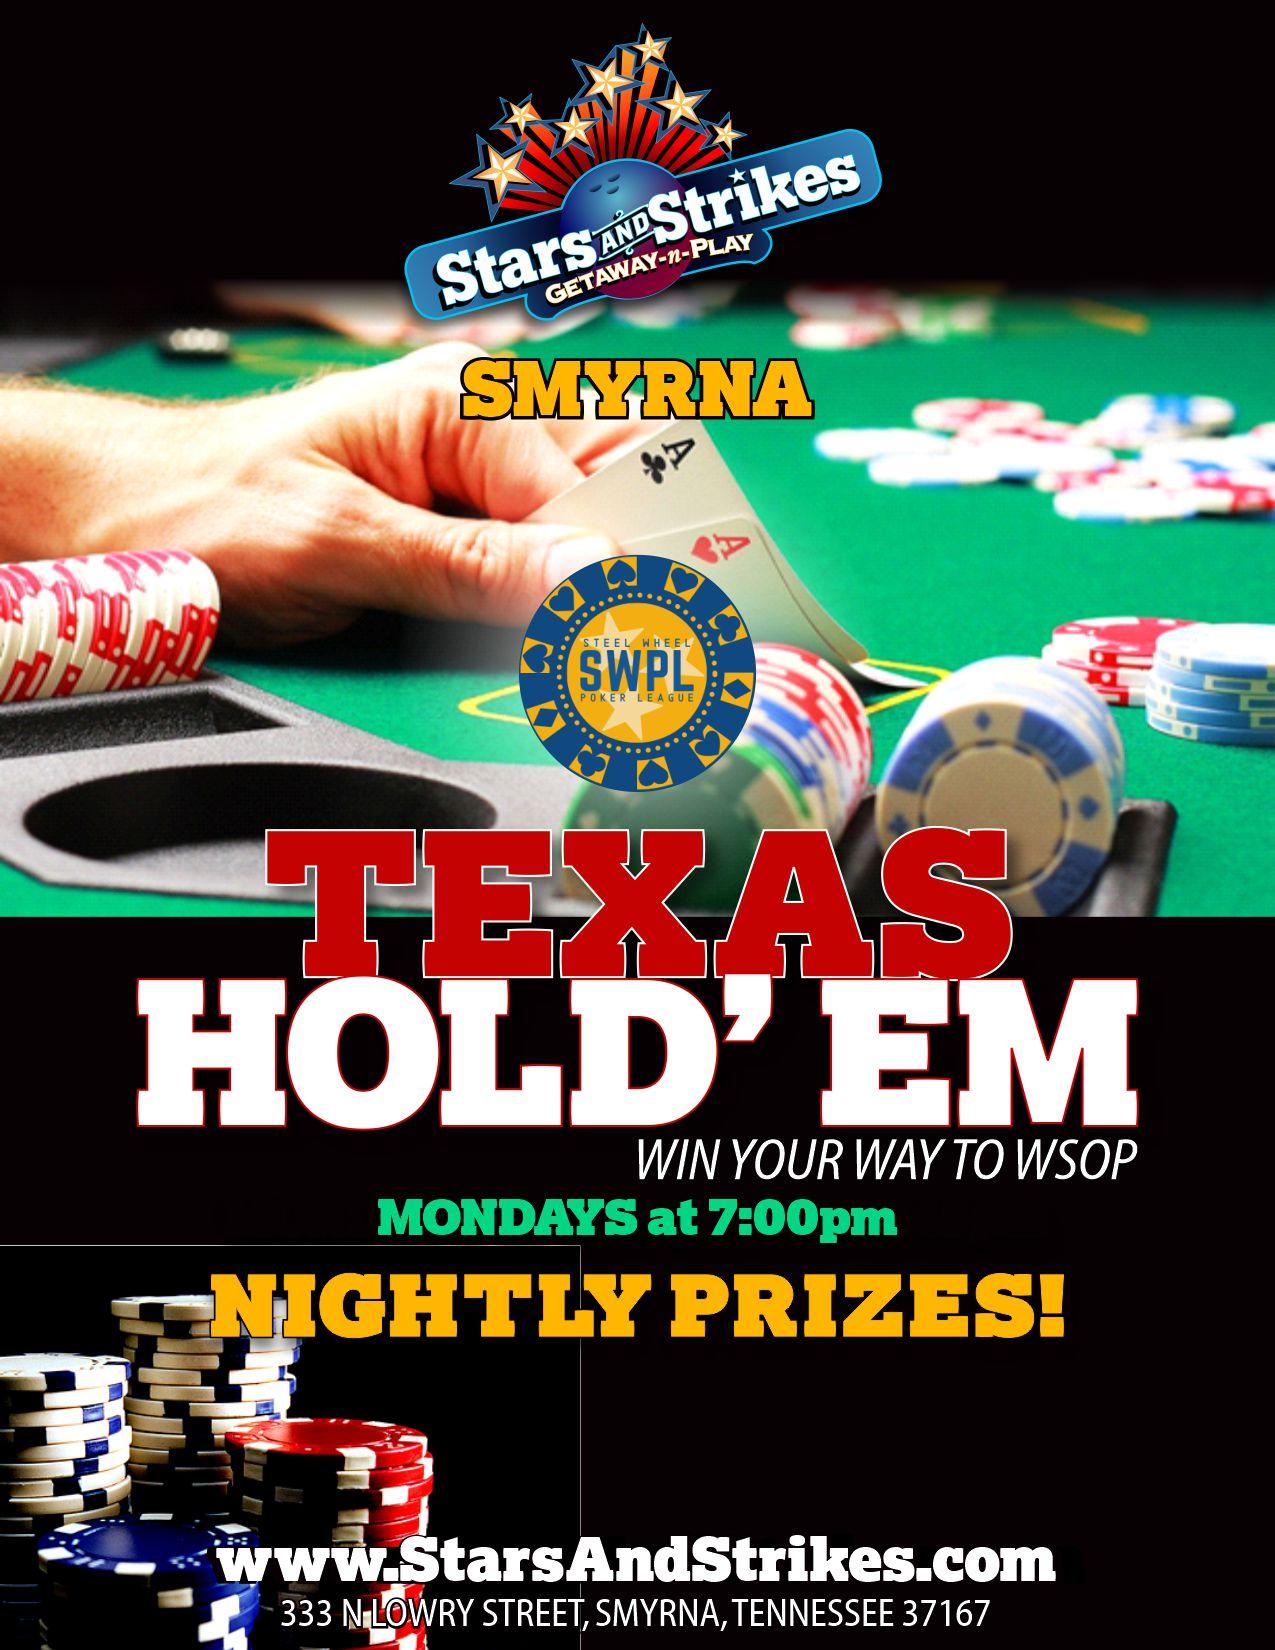 Monday Night Poker In Smyrna Stars And Strikes